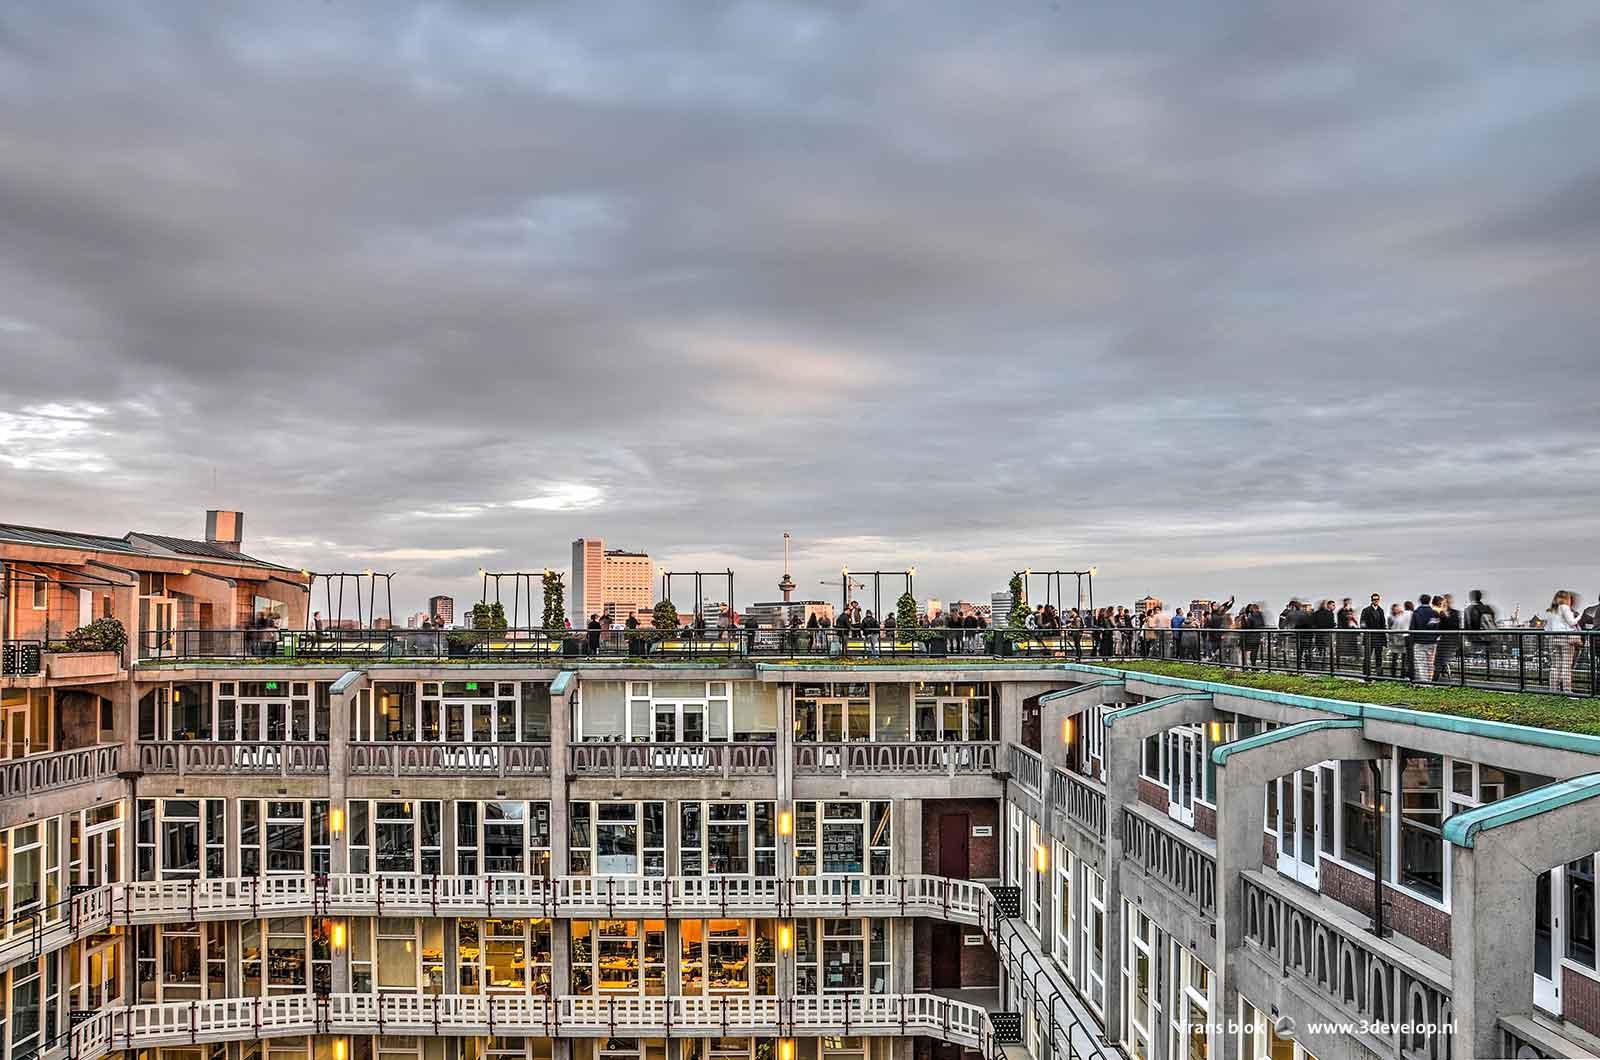 Bezoekers bewonderen de skyline van Rotterdam vanaf het dak van het Groothandelsgebouw, met op de voorgrond een van de binnenhoven van Maaskant's wederopbouw-monument